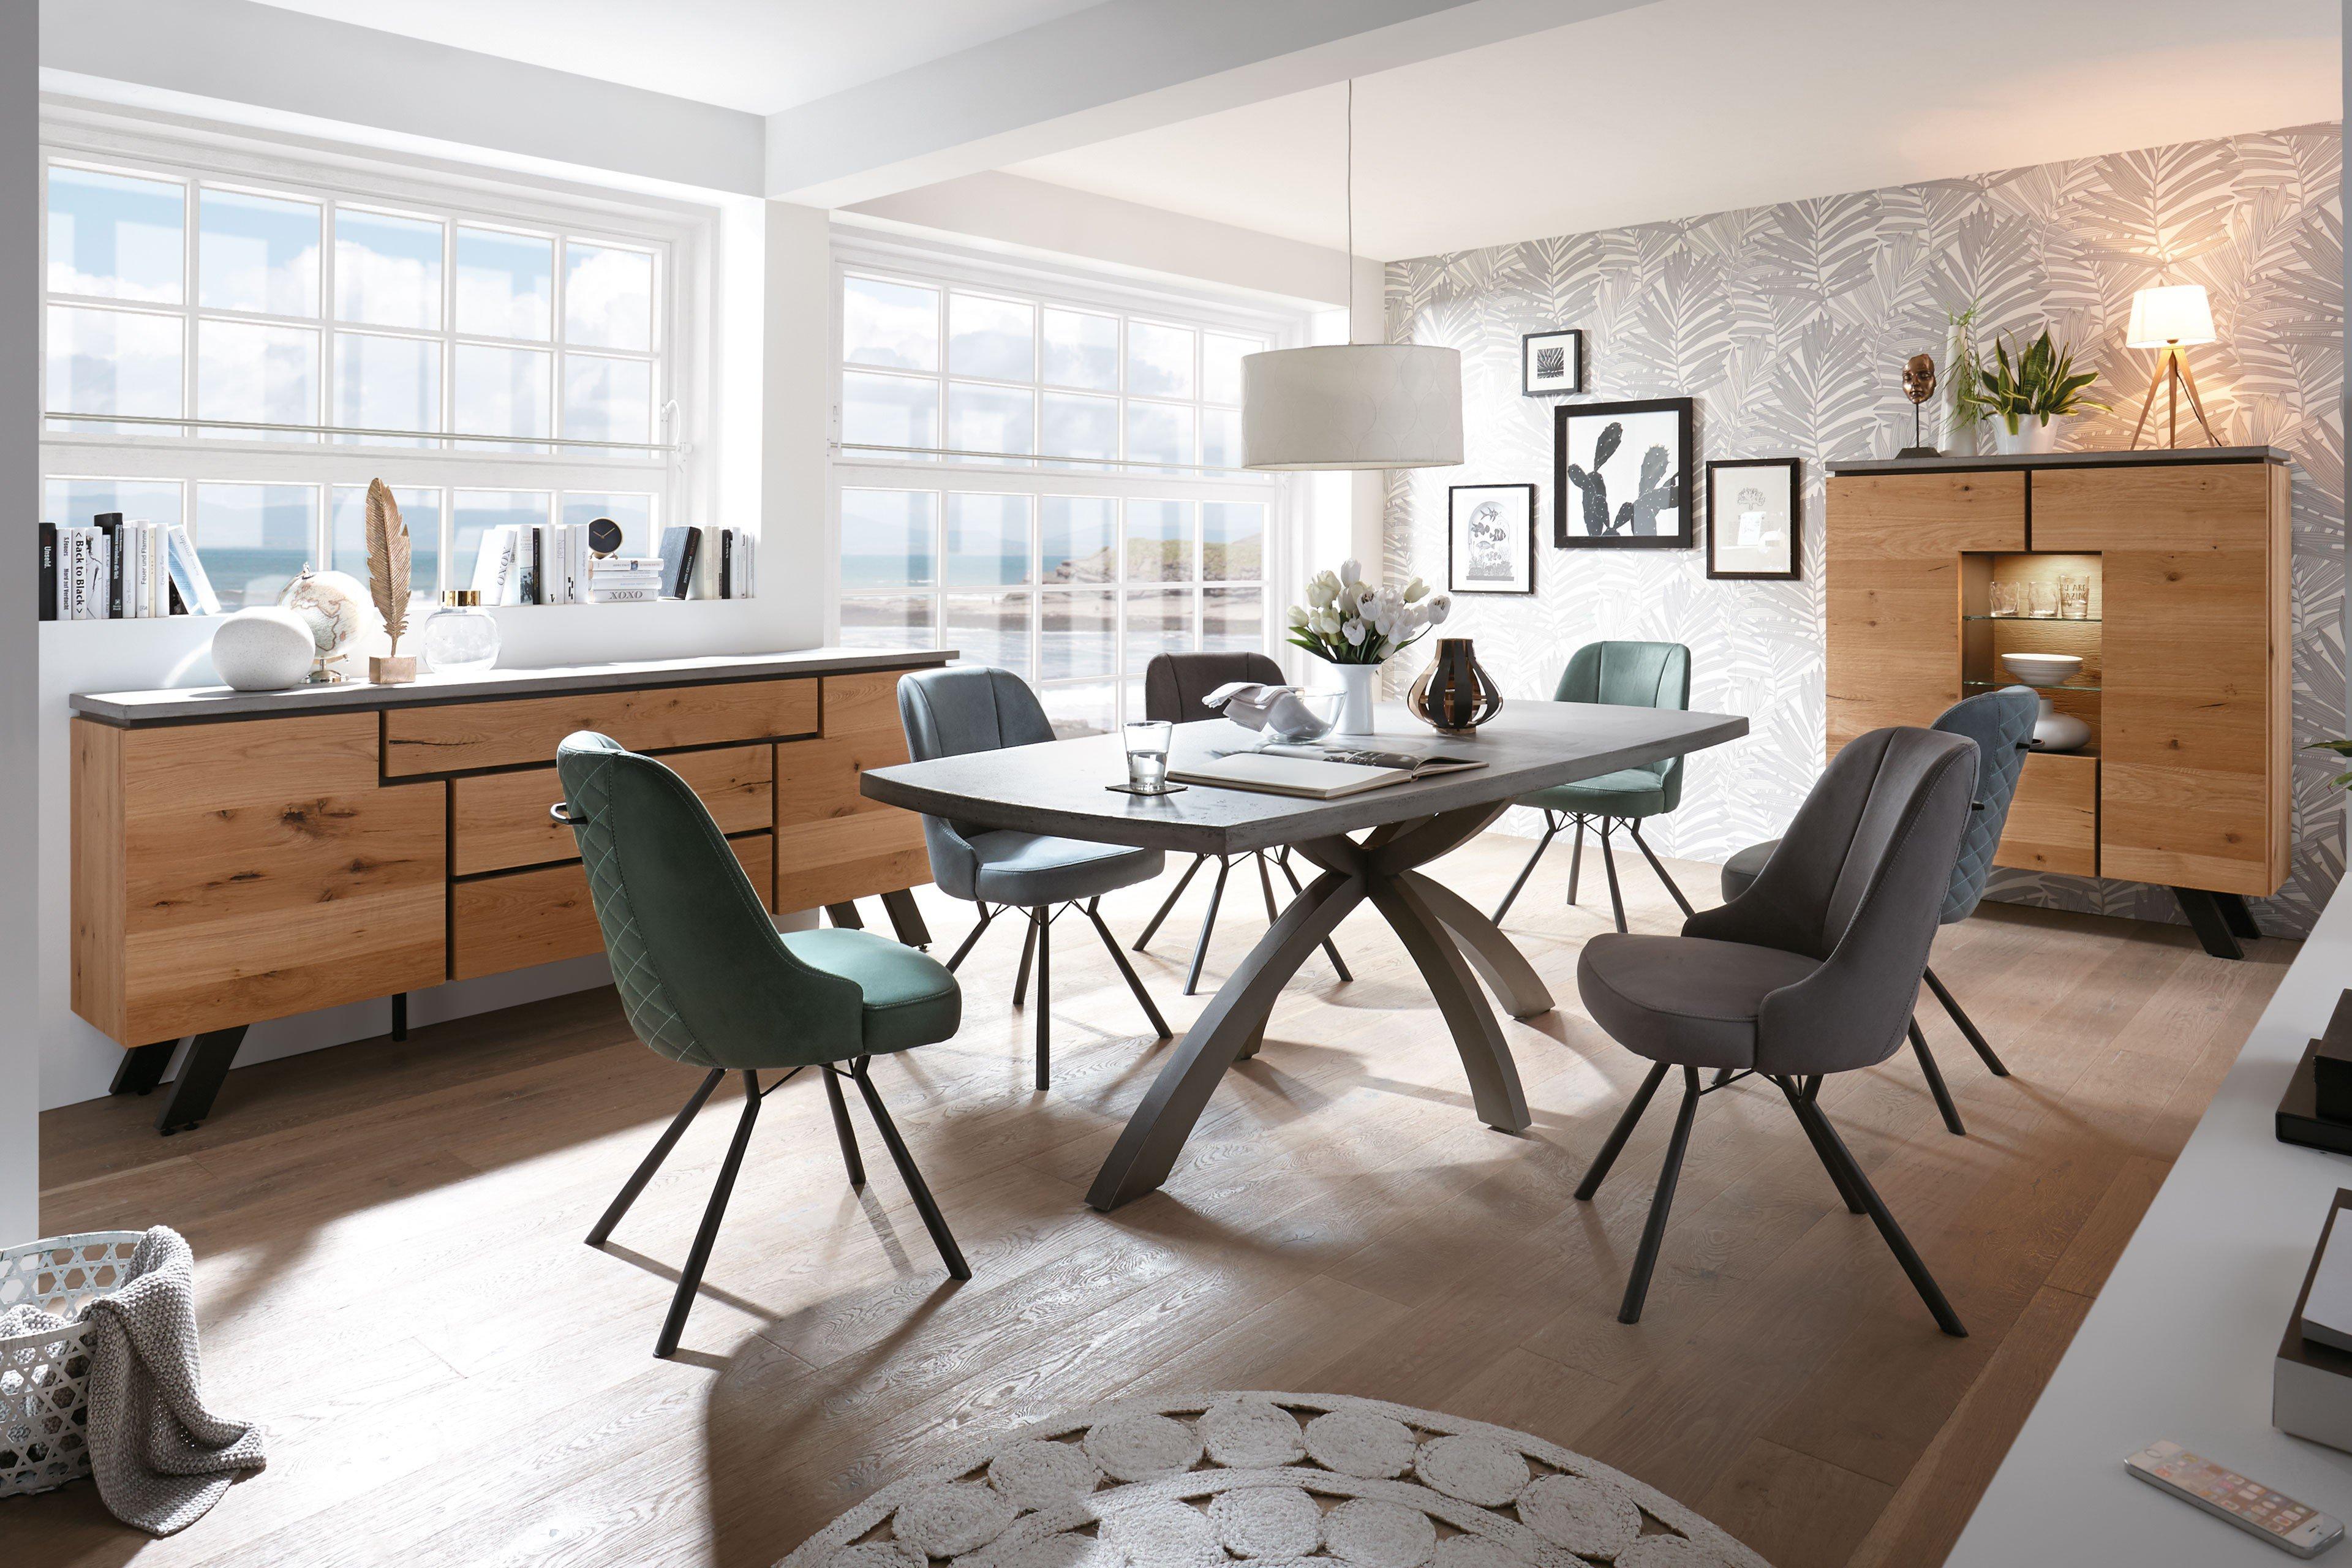 casada esszimmer calvi beton metall schwarz kibo antracite m bel letz ihr online shop. Black Bedroom Furniture Sets. Home Design Ideas